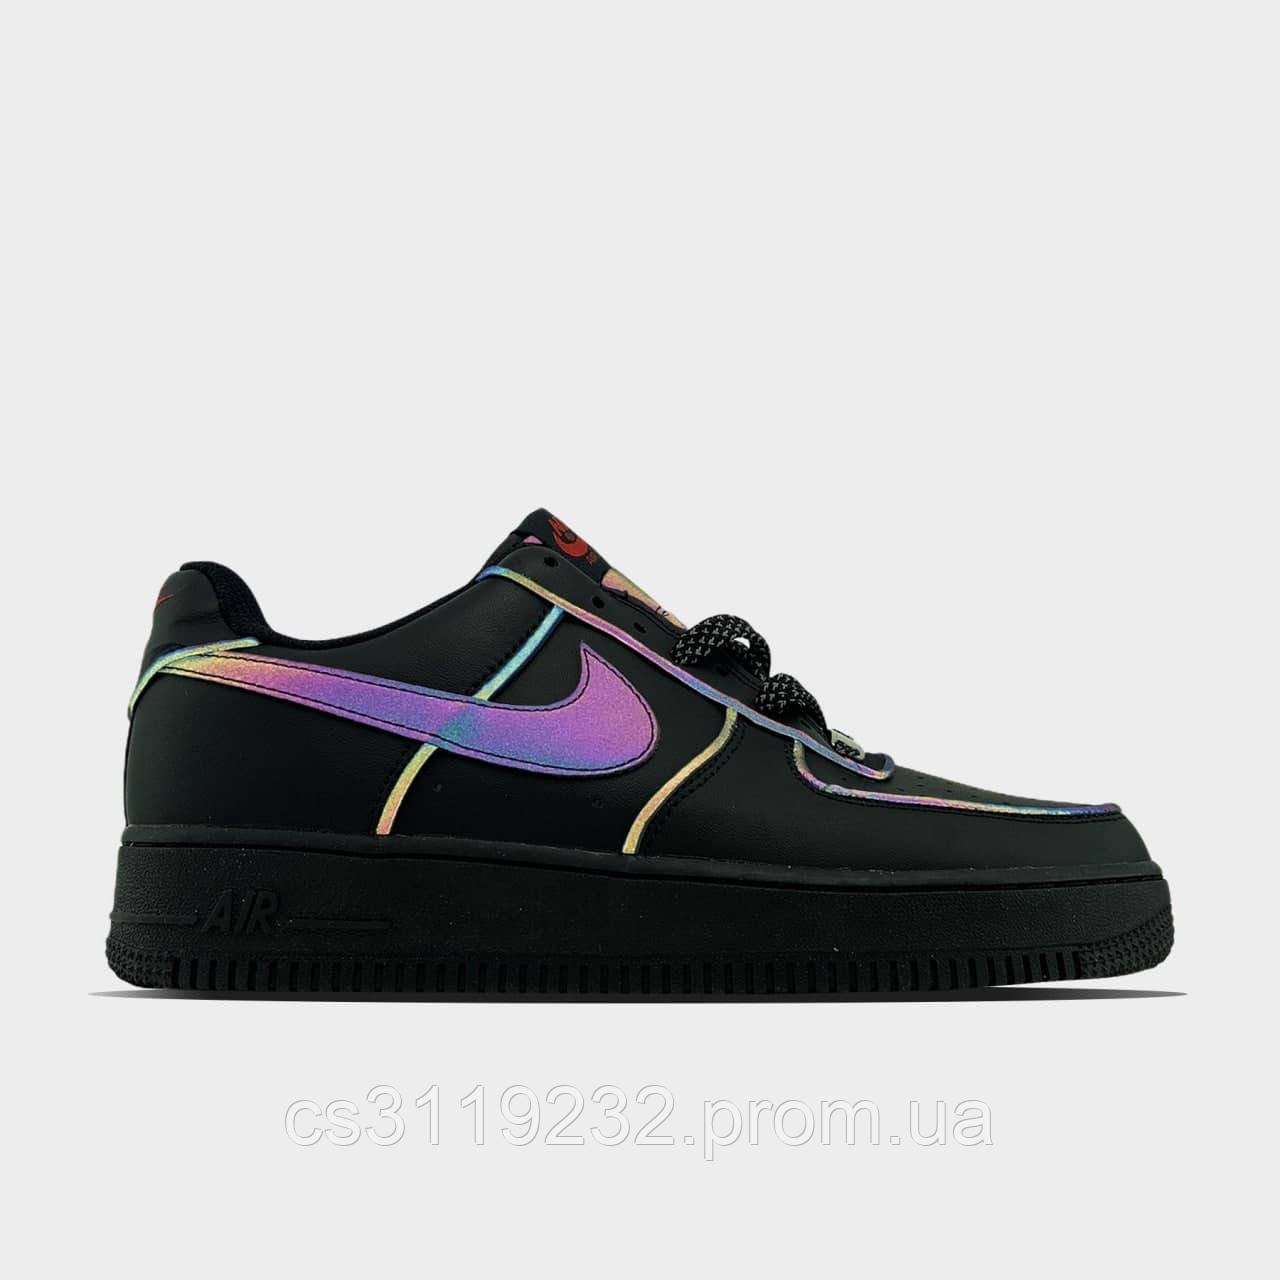 Жіночі кросівки Nike Air Force 1 Type Black (чорні)